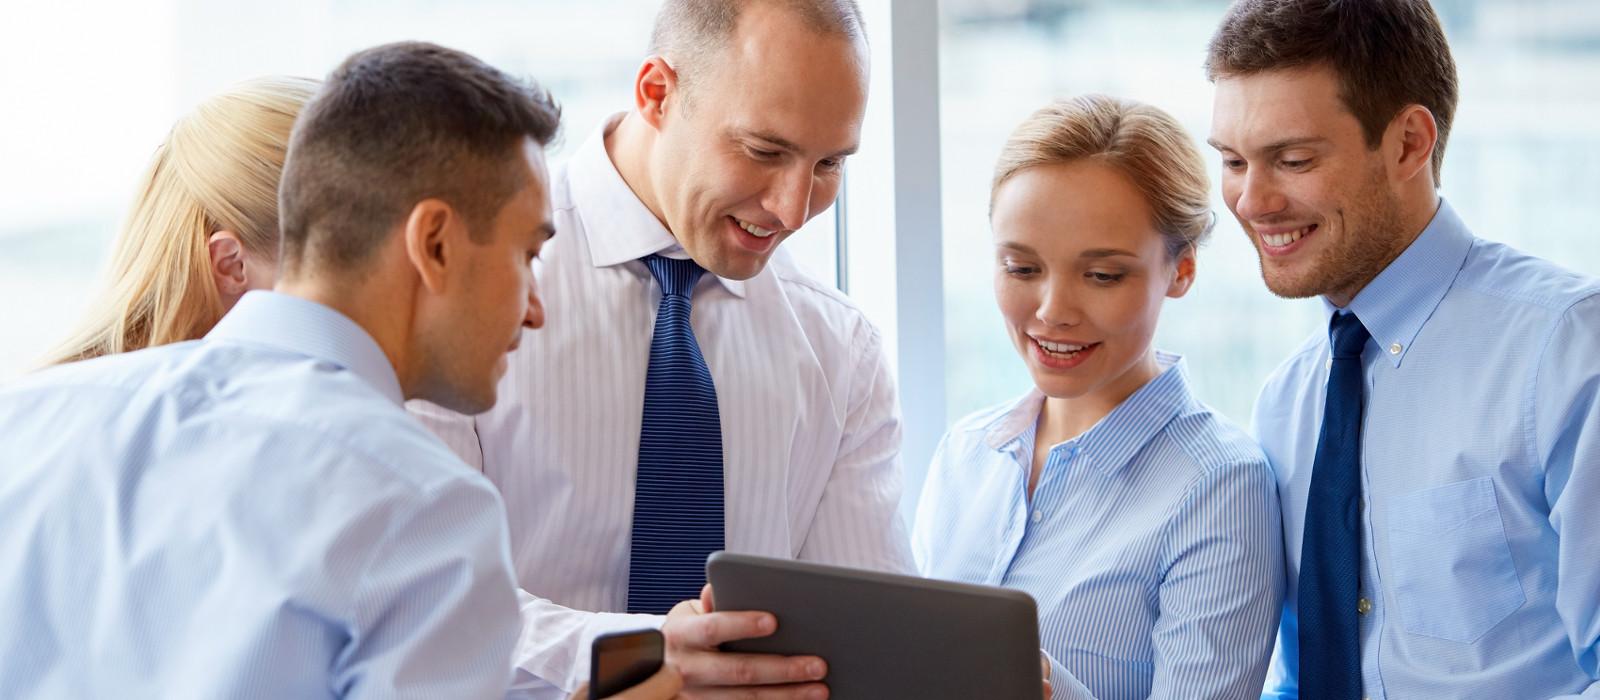 Nos integramos a su negocio para</br>concretar la transformación digital.